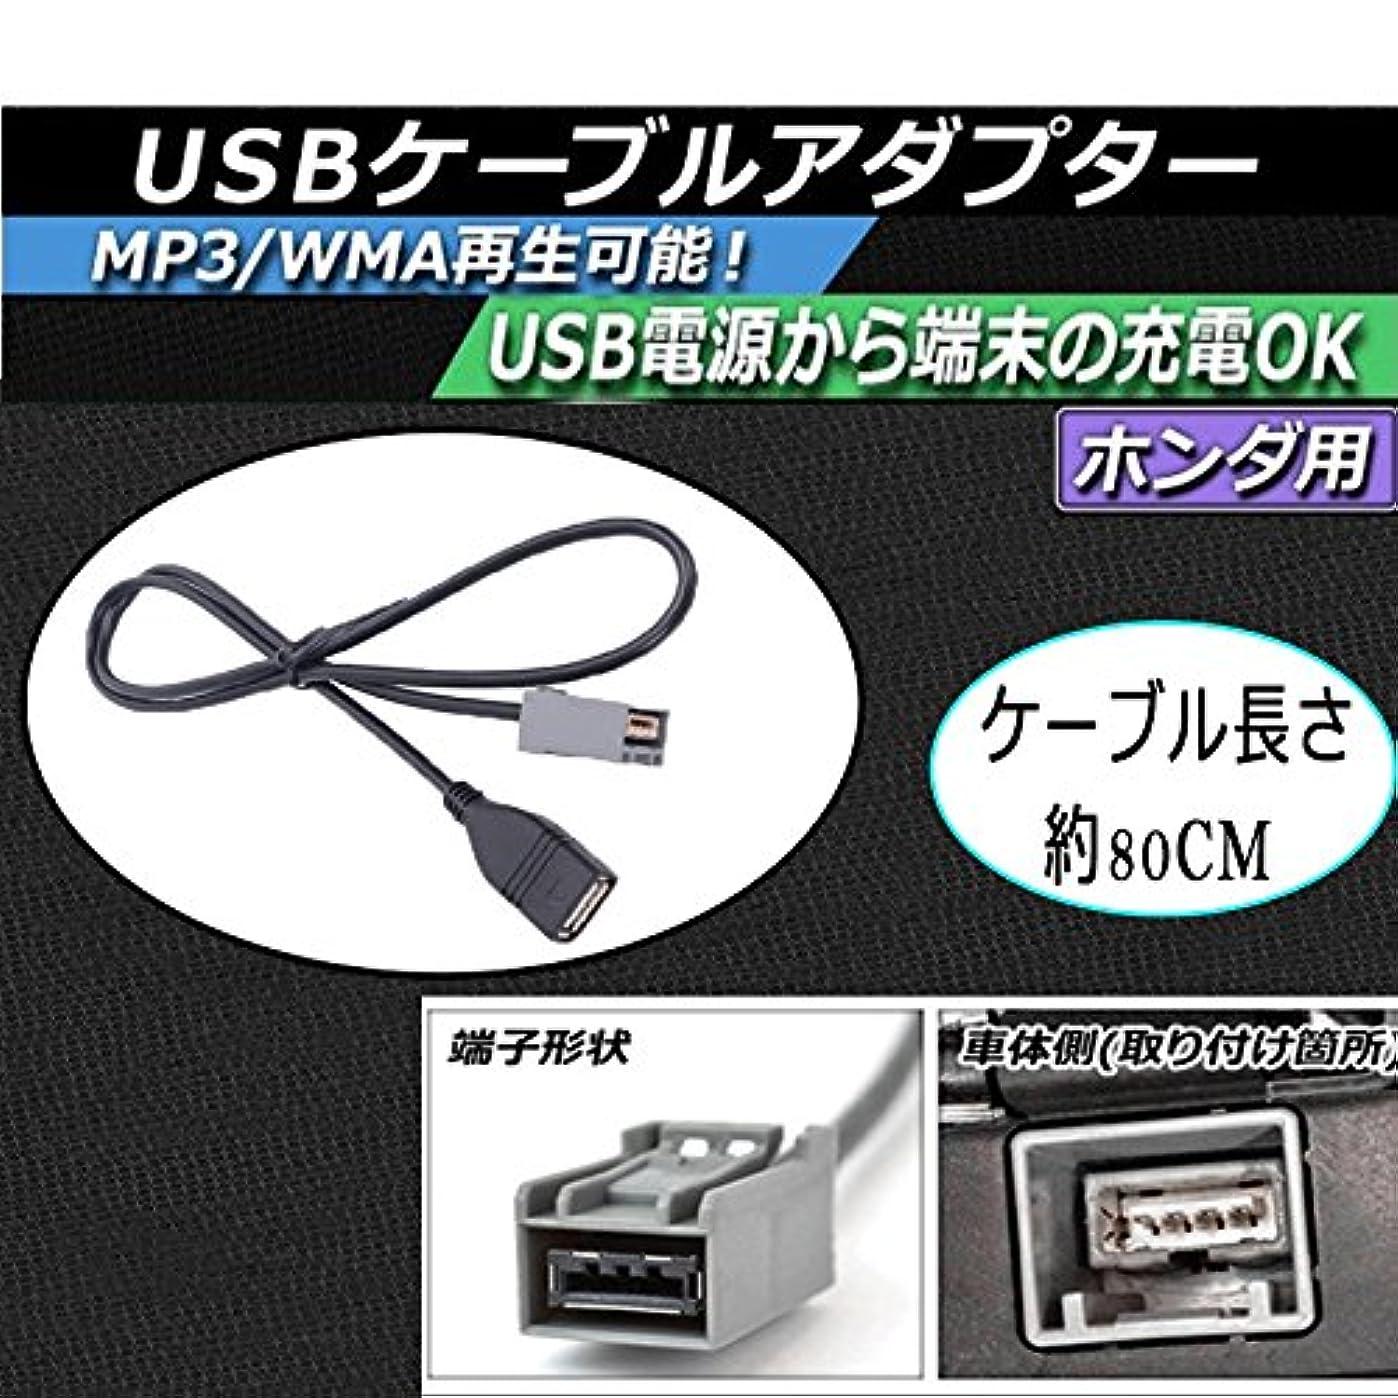 誓うプロペラ要件(ベンマロ)BENMALL オーディオ メディア 音楽 インターフェース用 USBケーブルア ダプタ ケーブル延長 ホンダ 三菱2009+ BA65